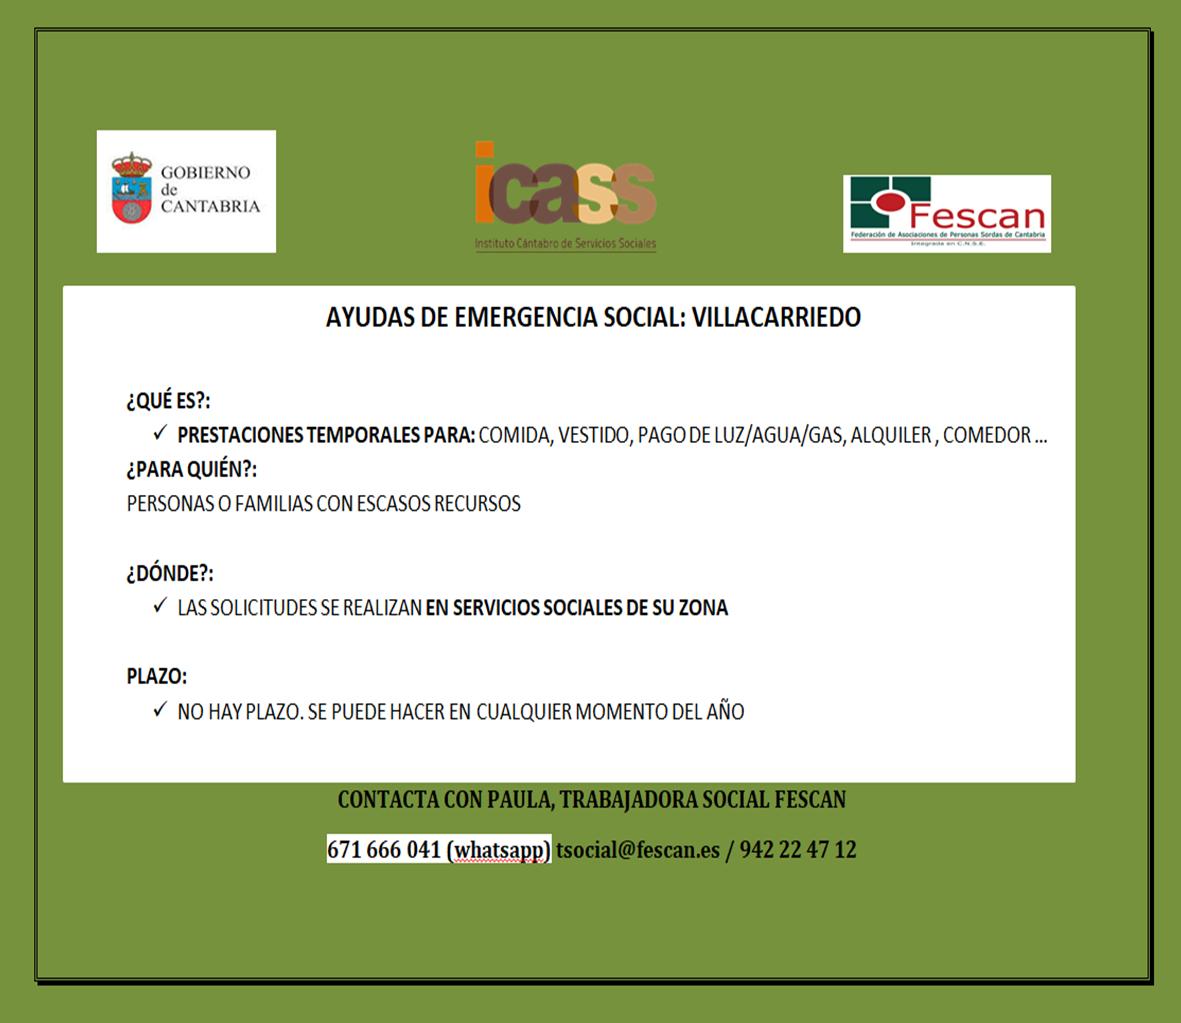 AYUDAS EMERGENCIA SOCIAL: VILLACARRIEDO